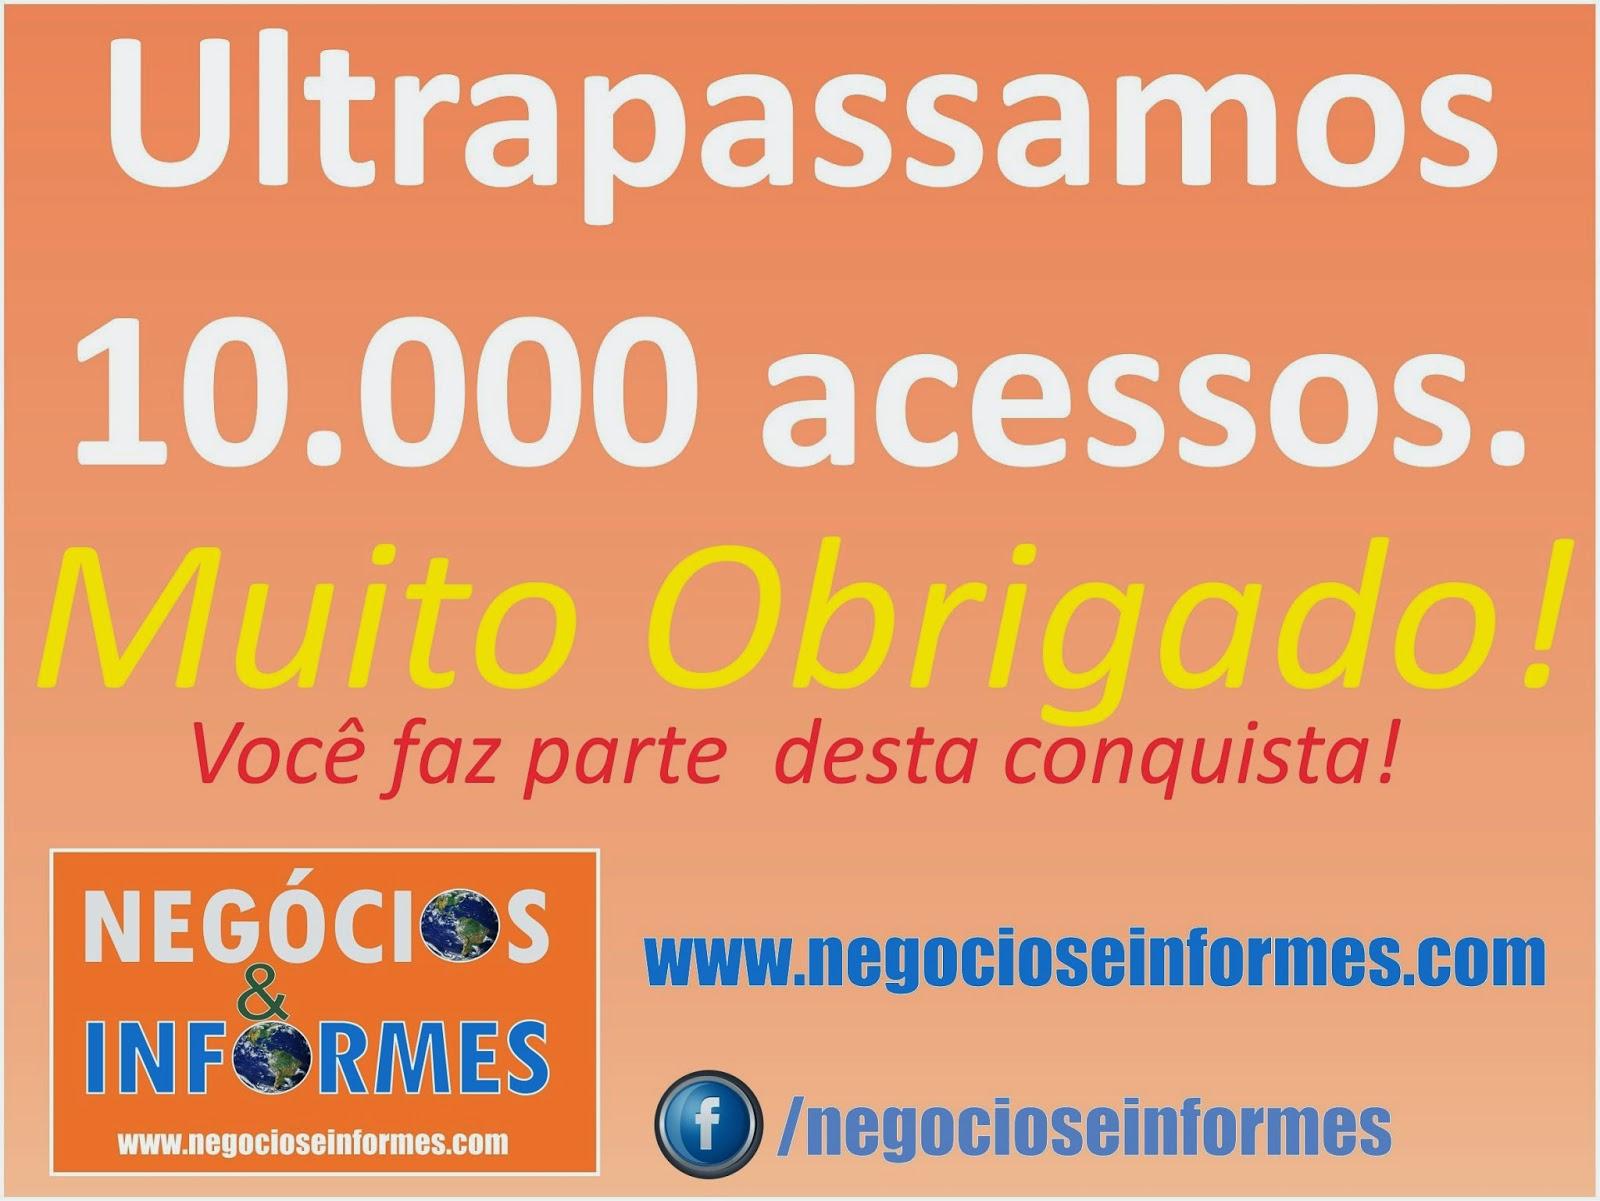 www.negocioseinformes.com